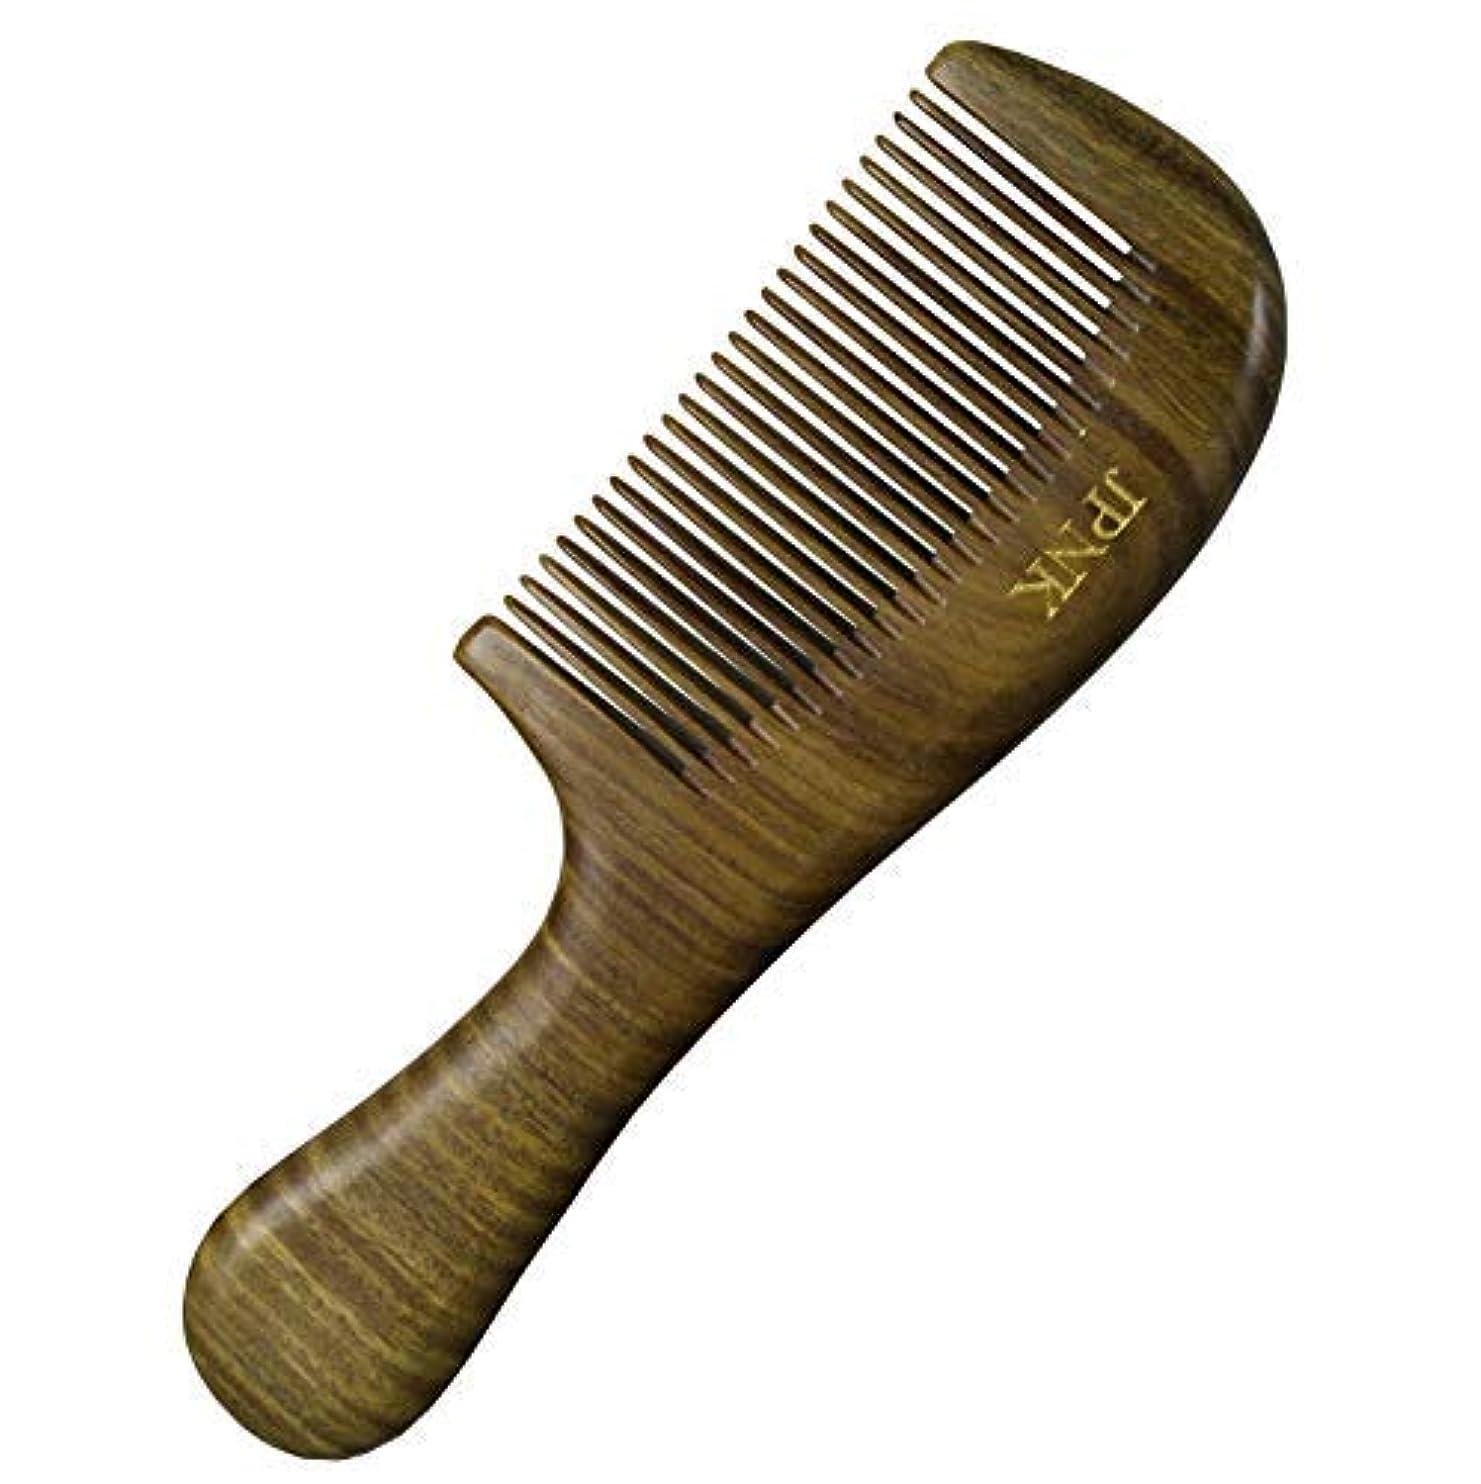 先入観ダムスペースJPNK Anti-Static Sandalwood Scent Natural Hair Detangler Wooden Comb [並行輸入品]